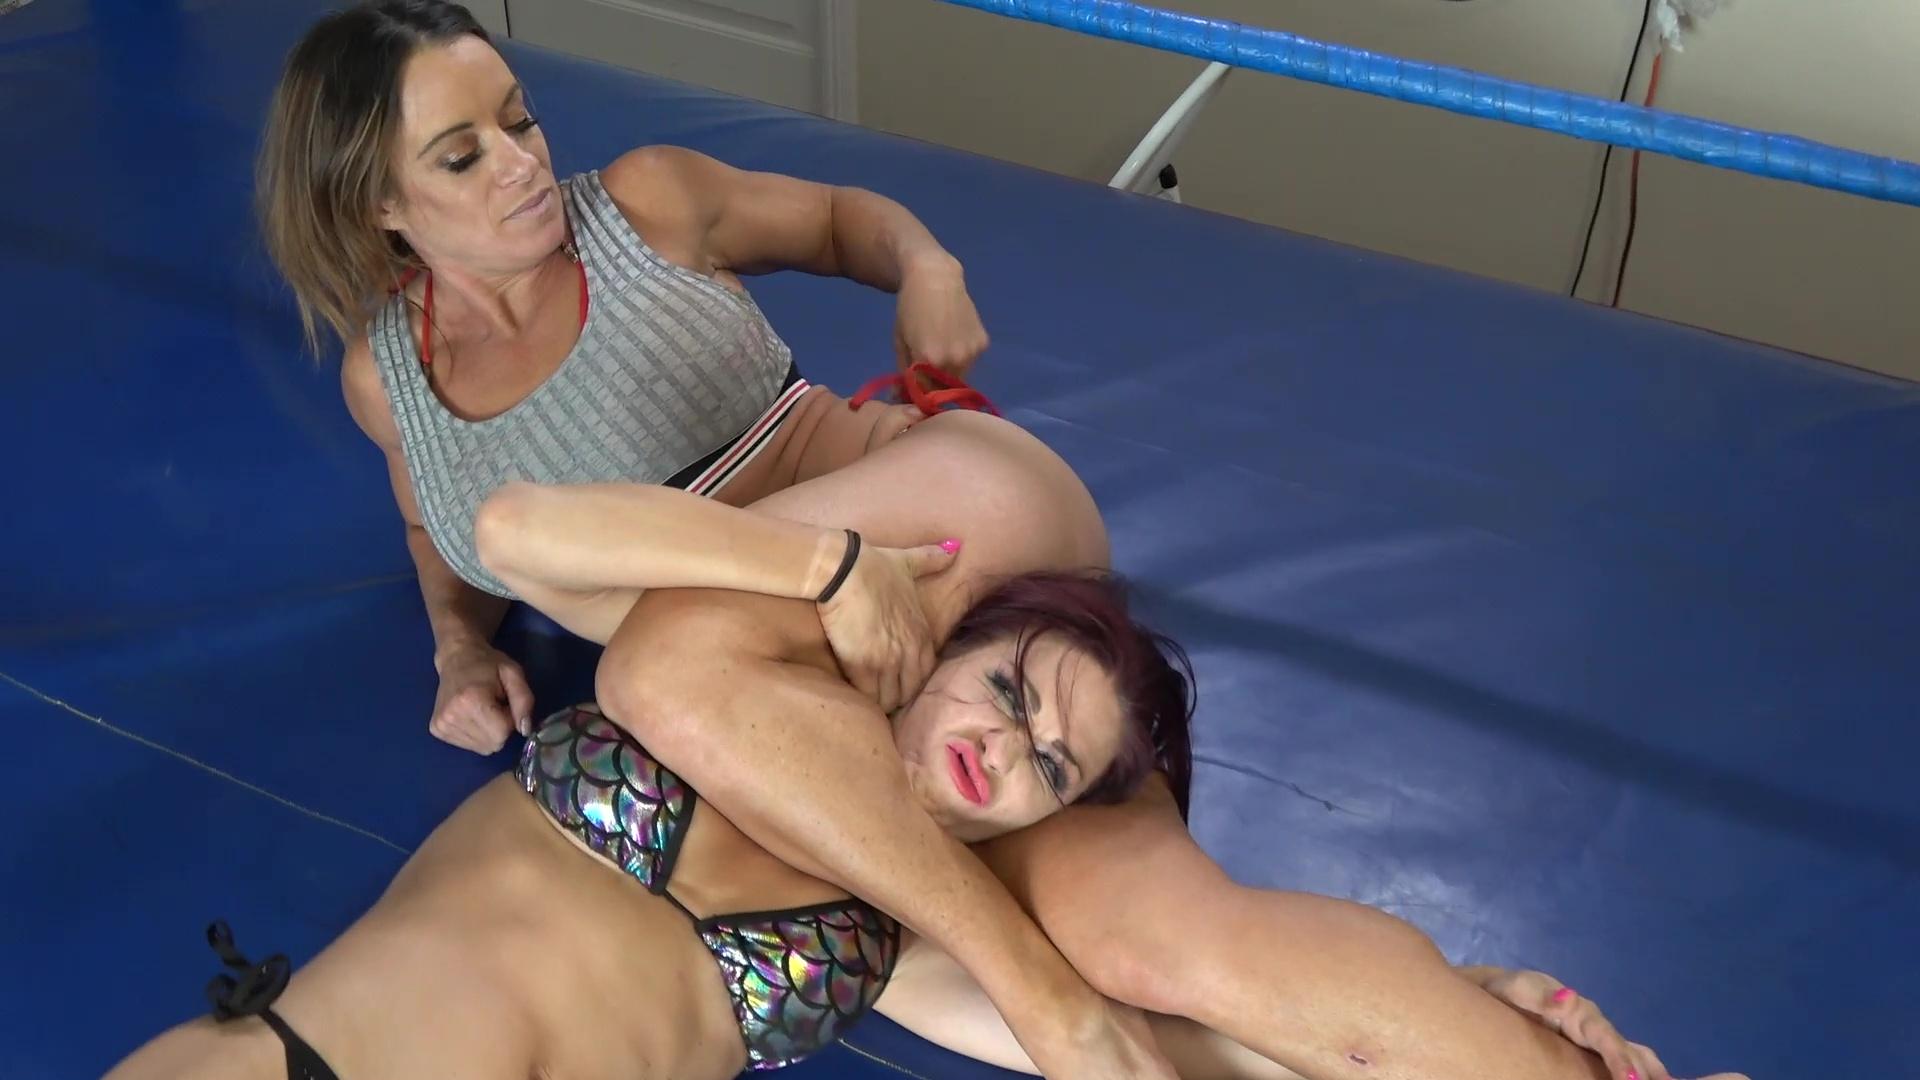 Jennifer Thomas vs Sarah Brooke - Wrestler vs Catfighter - Pro Women's Wrestling!